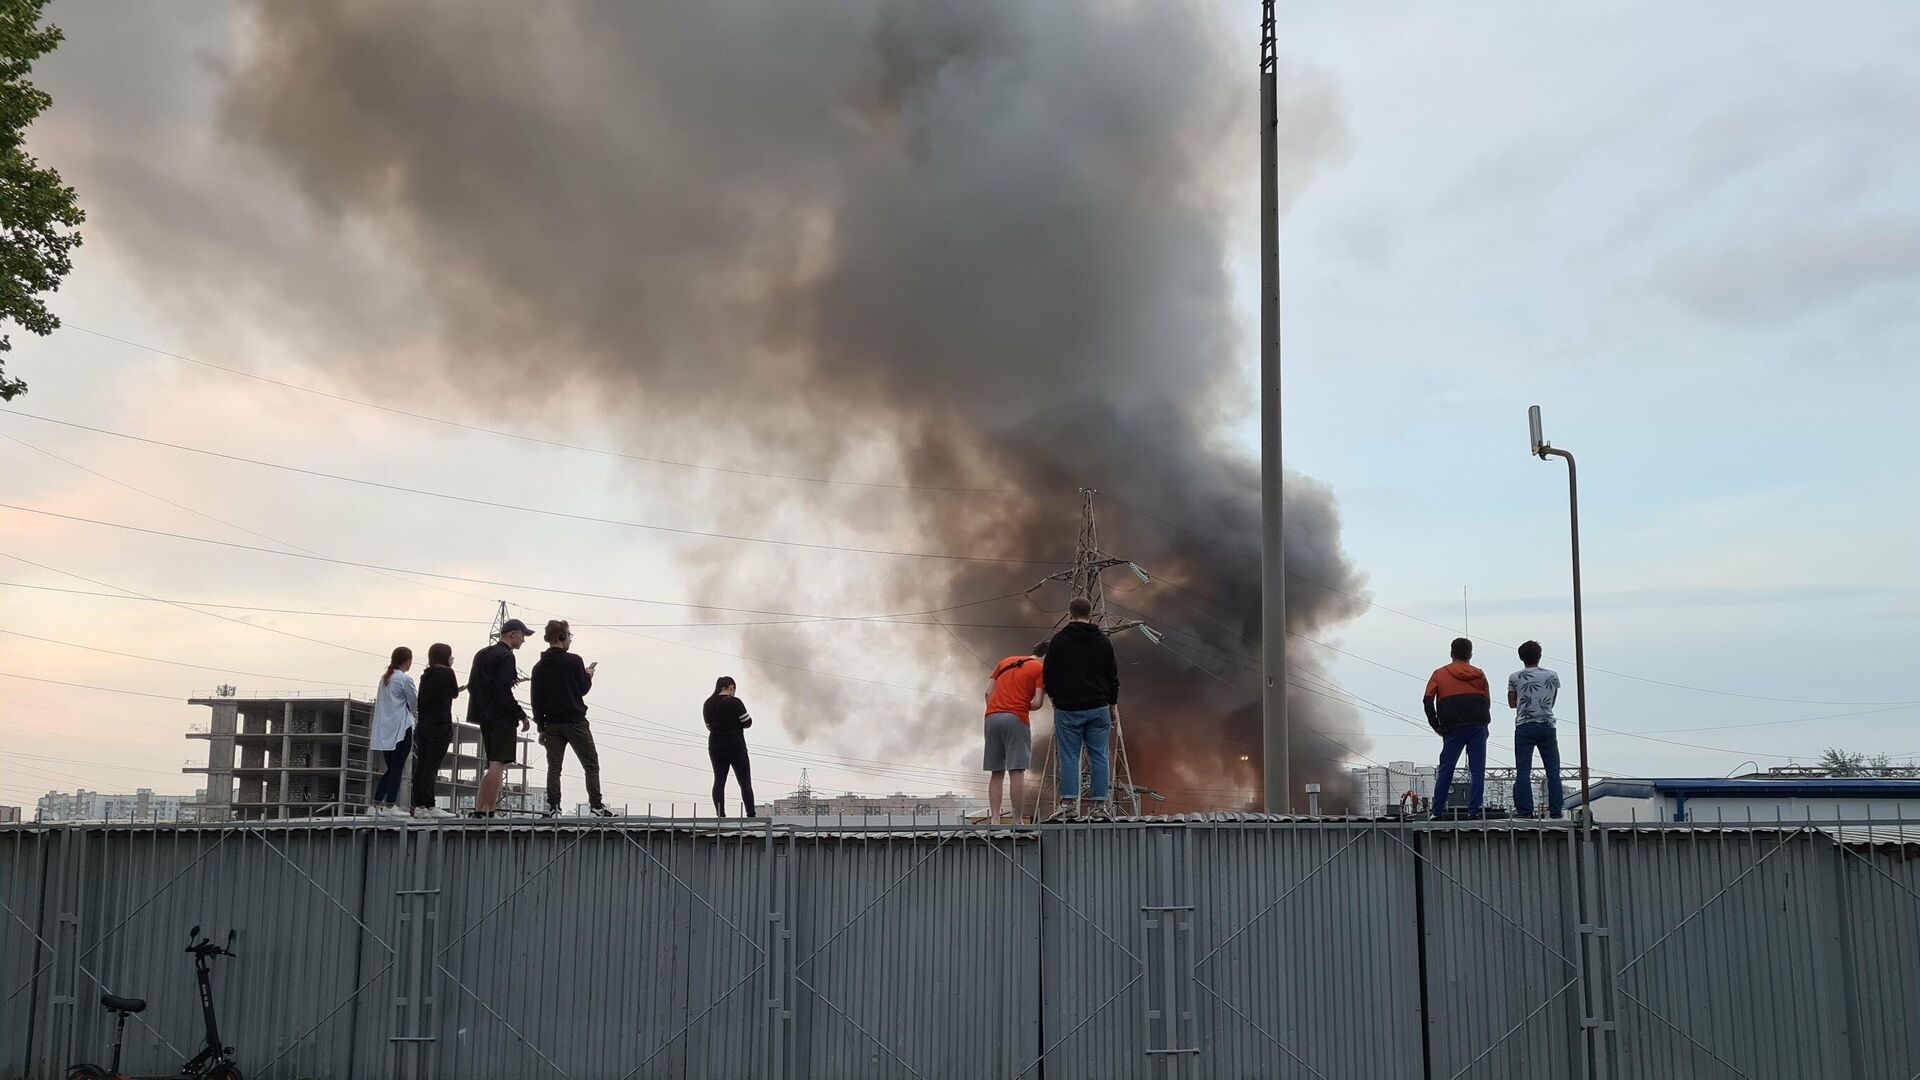 Пожар на складе на юго-востоке Москвы - РИА Новости, 1920, 30.07.2021